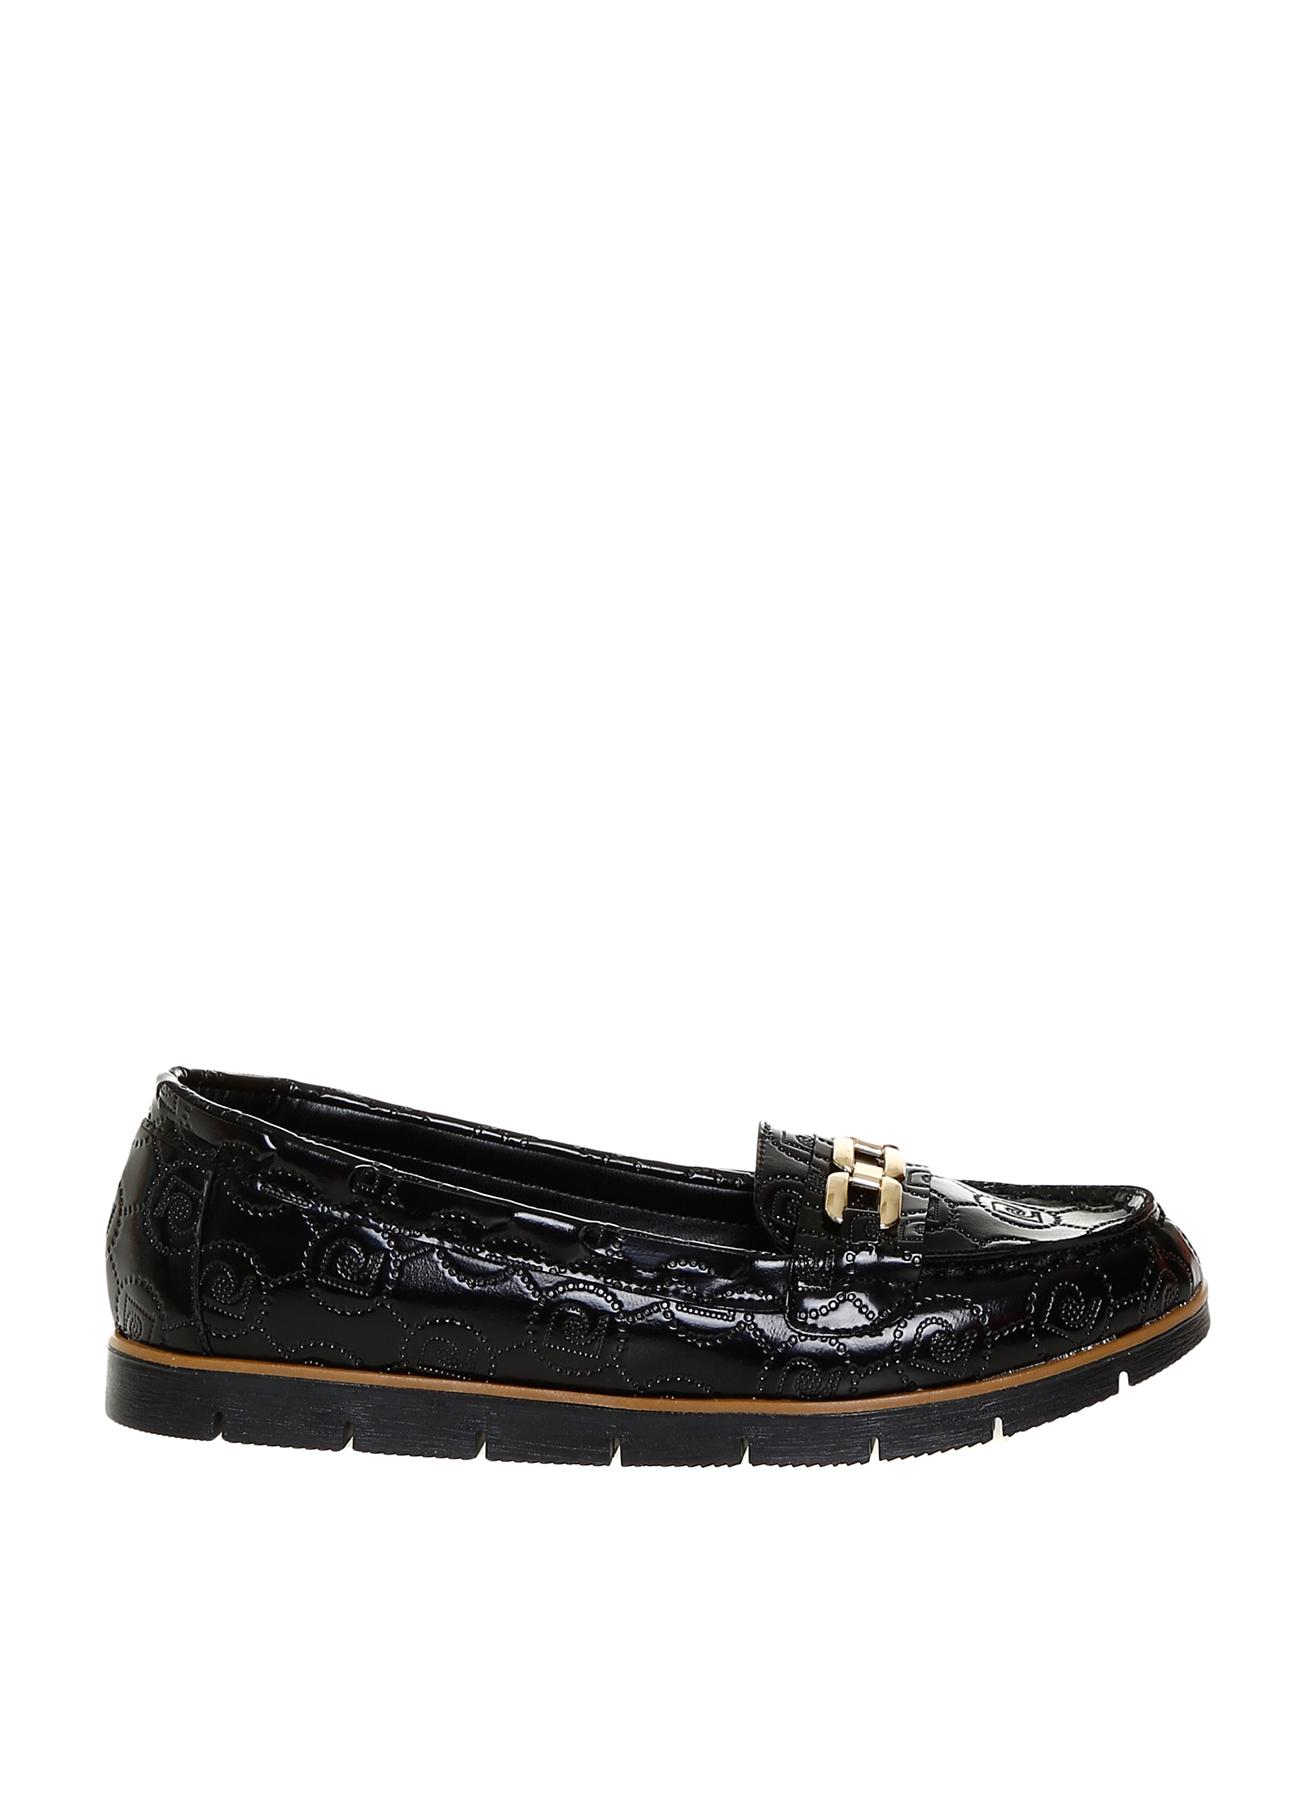 Pierre Cardin Düz Ayakkabı 37 5001704618002 Ürün Resmi